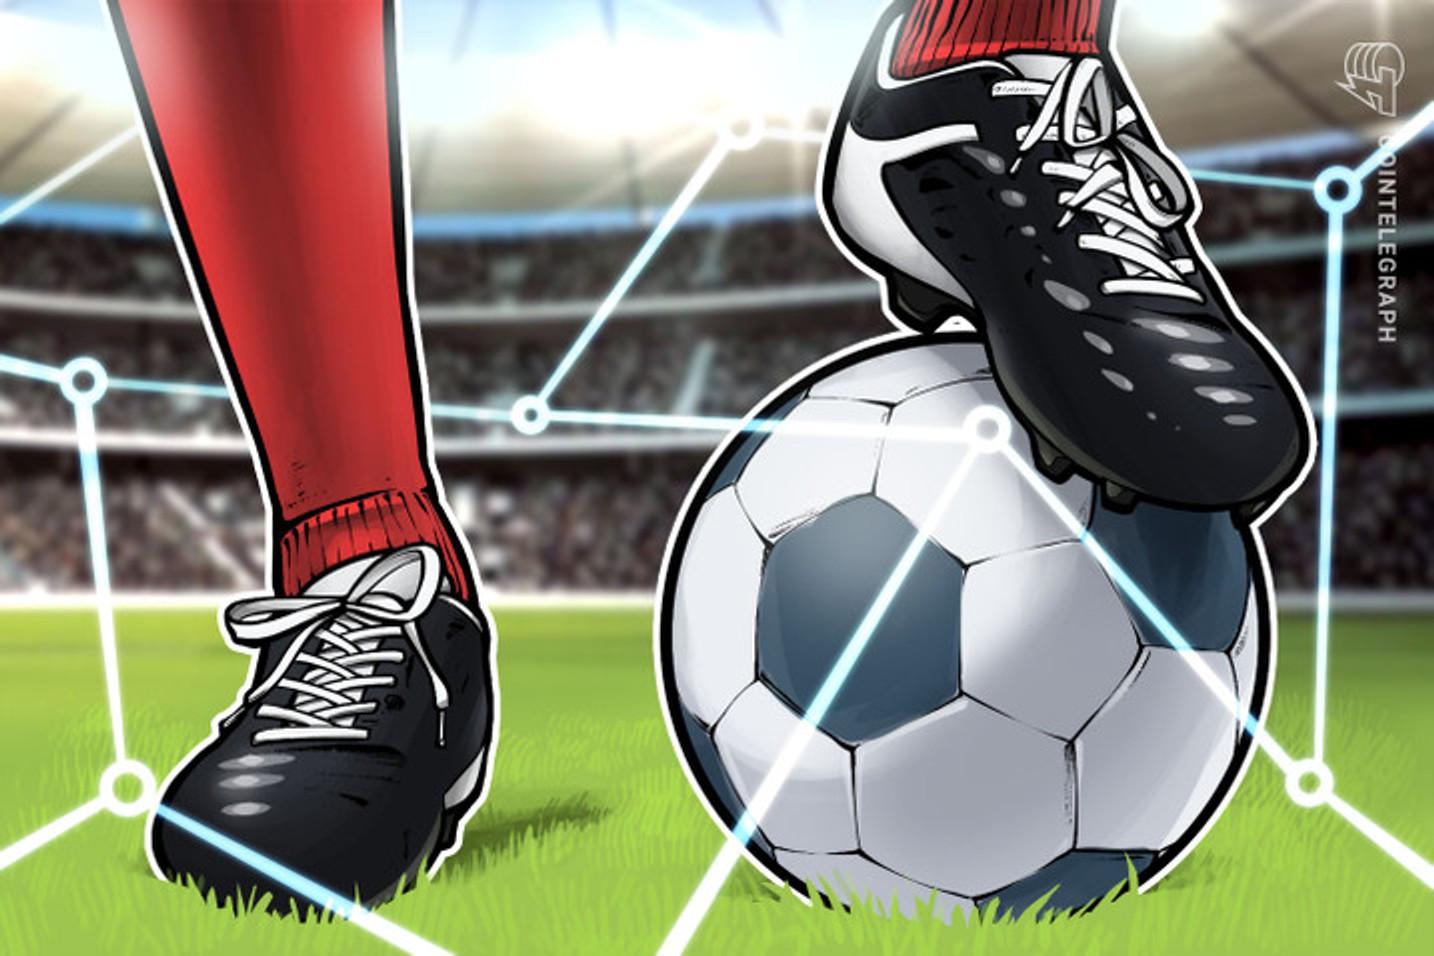 Club de fútbol Chivas, de México, realiza subasta de NFTs con Avalanche